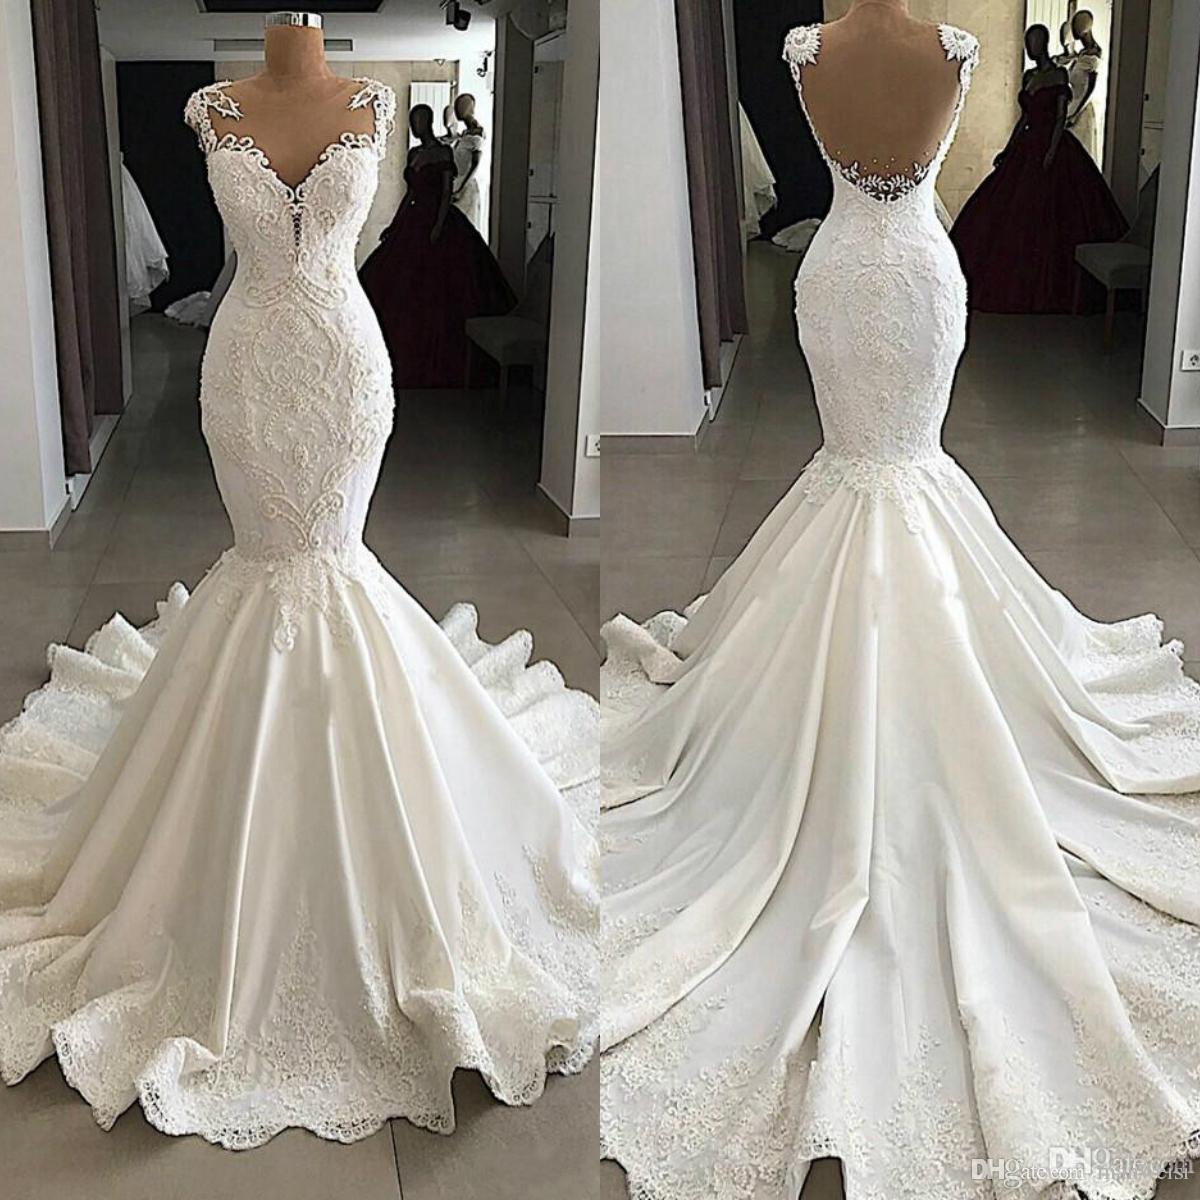 Mermaid 2019 Vintage Wedding Dresses Sheer Scoop Neck Lace